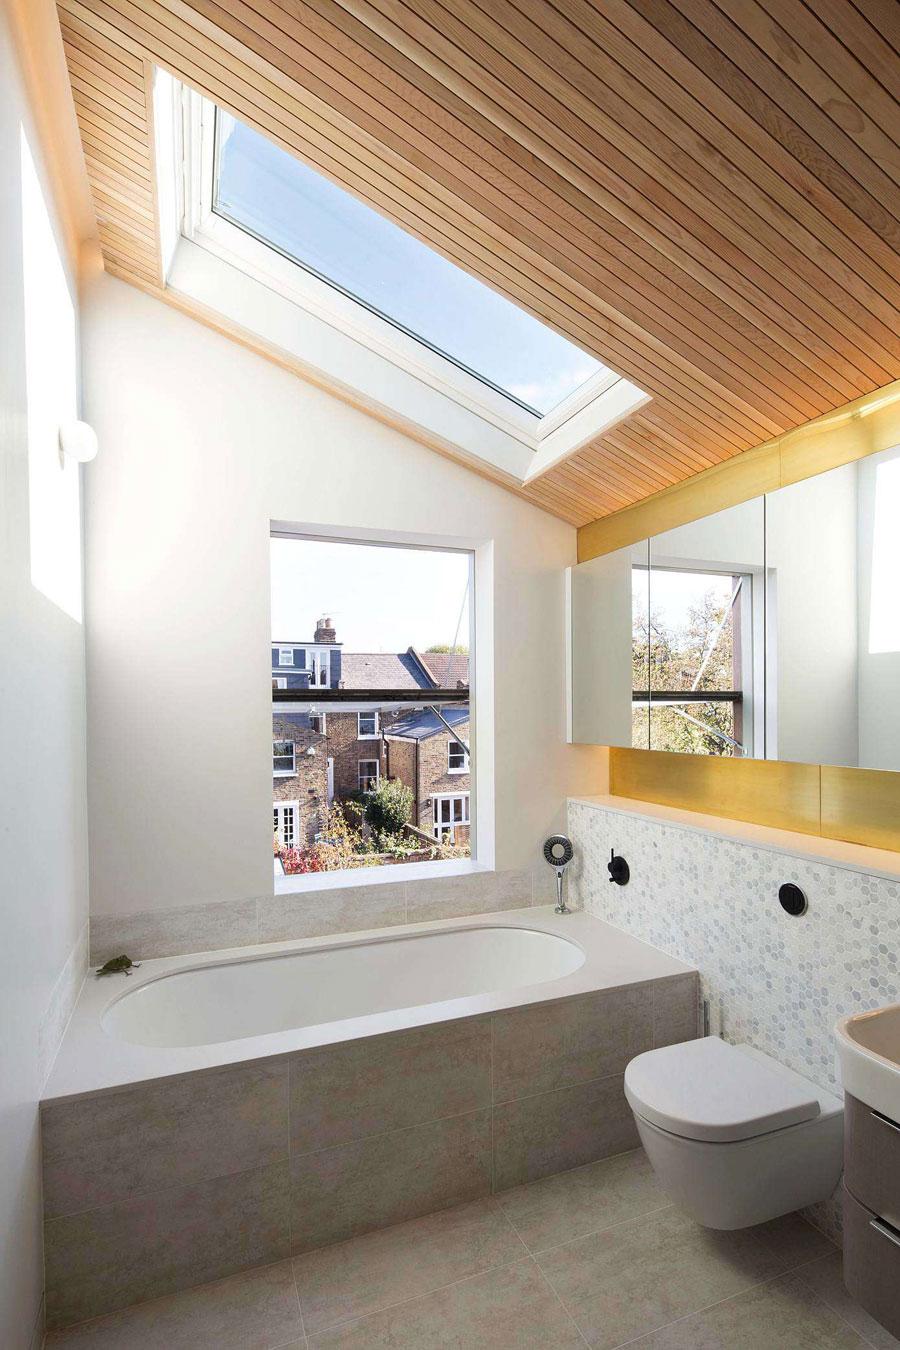 De stijlvolle badkamer van architect Neil Dusheiko